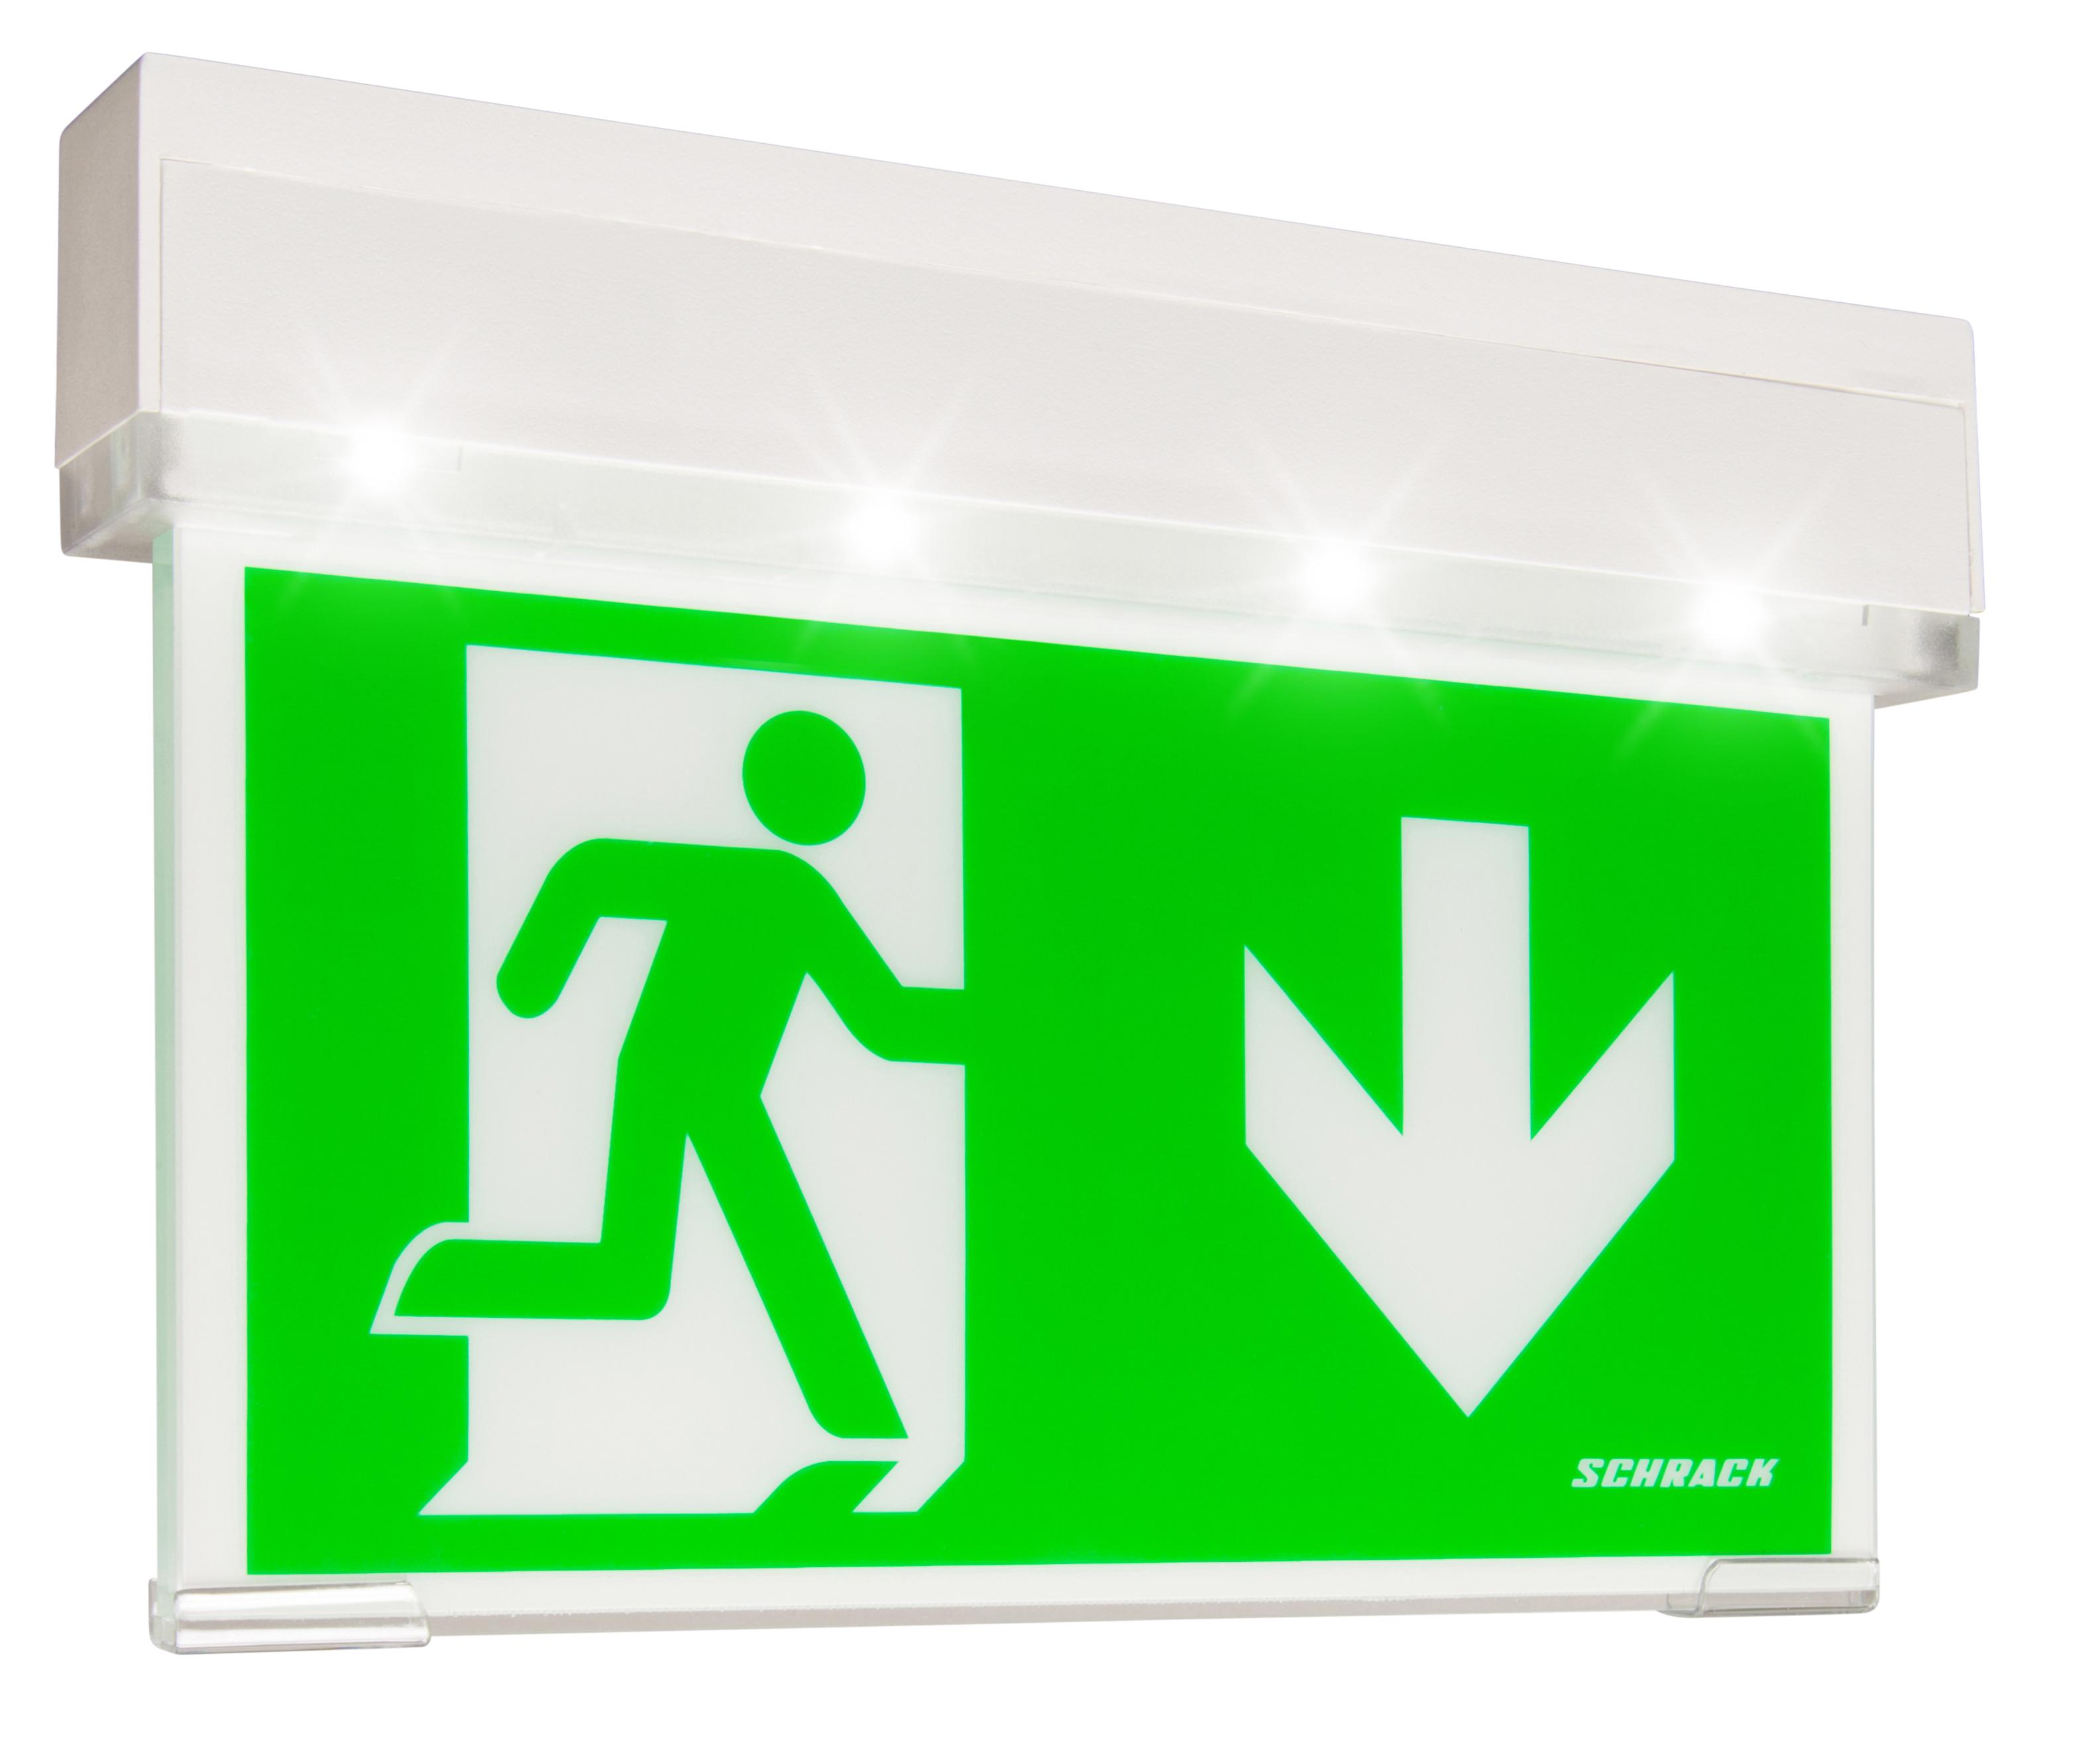 1 Stk Notleuchte KSC transparent Autotest LED 1-8h 230VAC NLKSC003SC